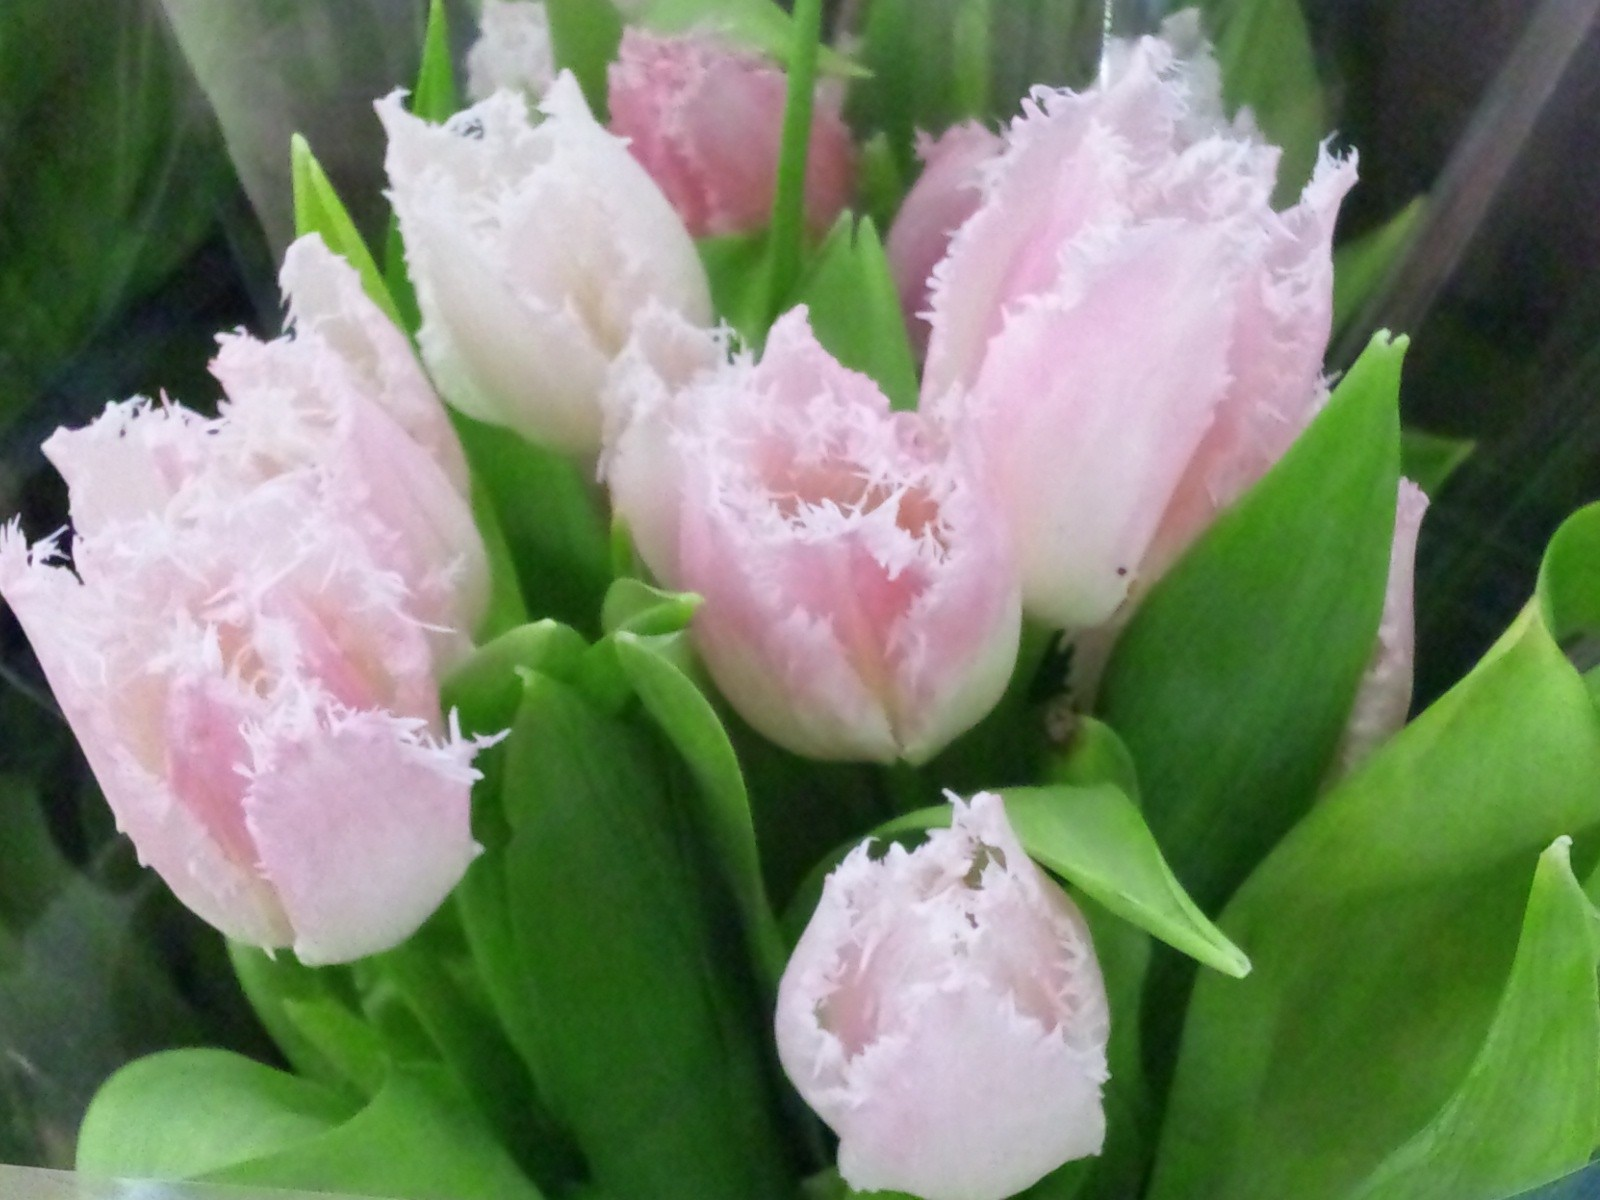 Pc壁紙 背景ブラック壁紙 13春 チューリップ アメの花 1024 768 19 1080 Yakoyakoブログ